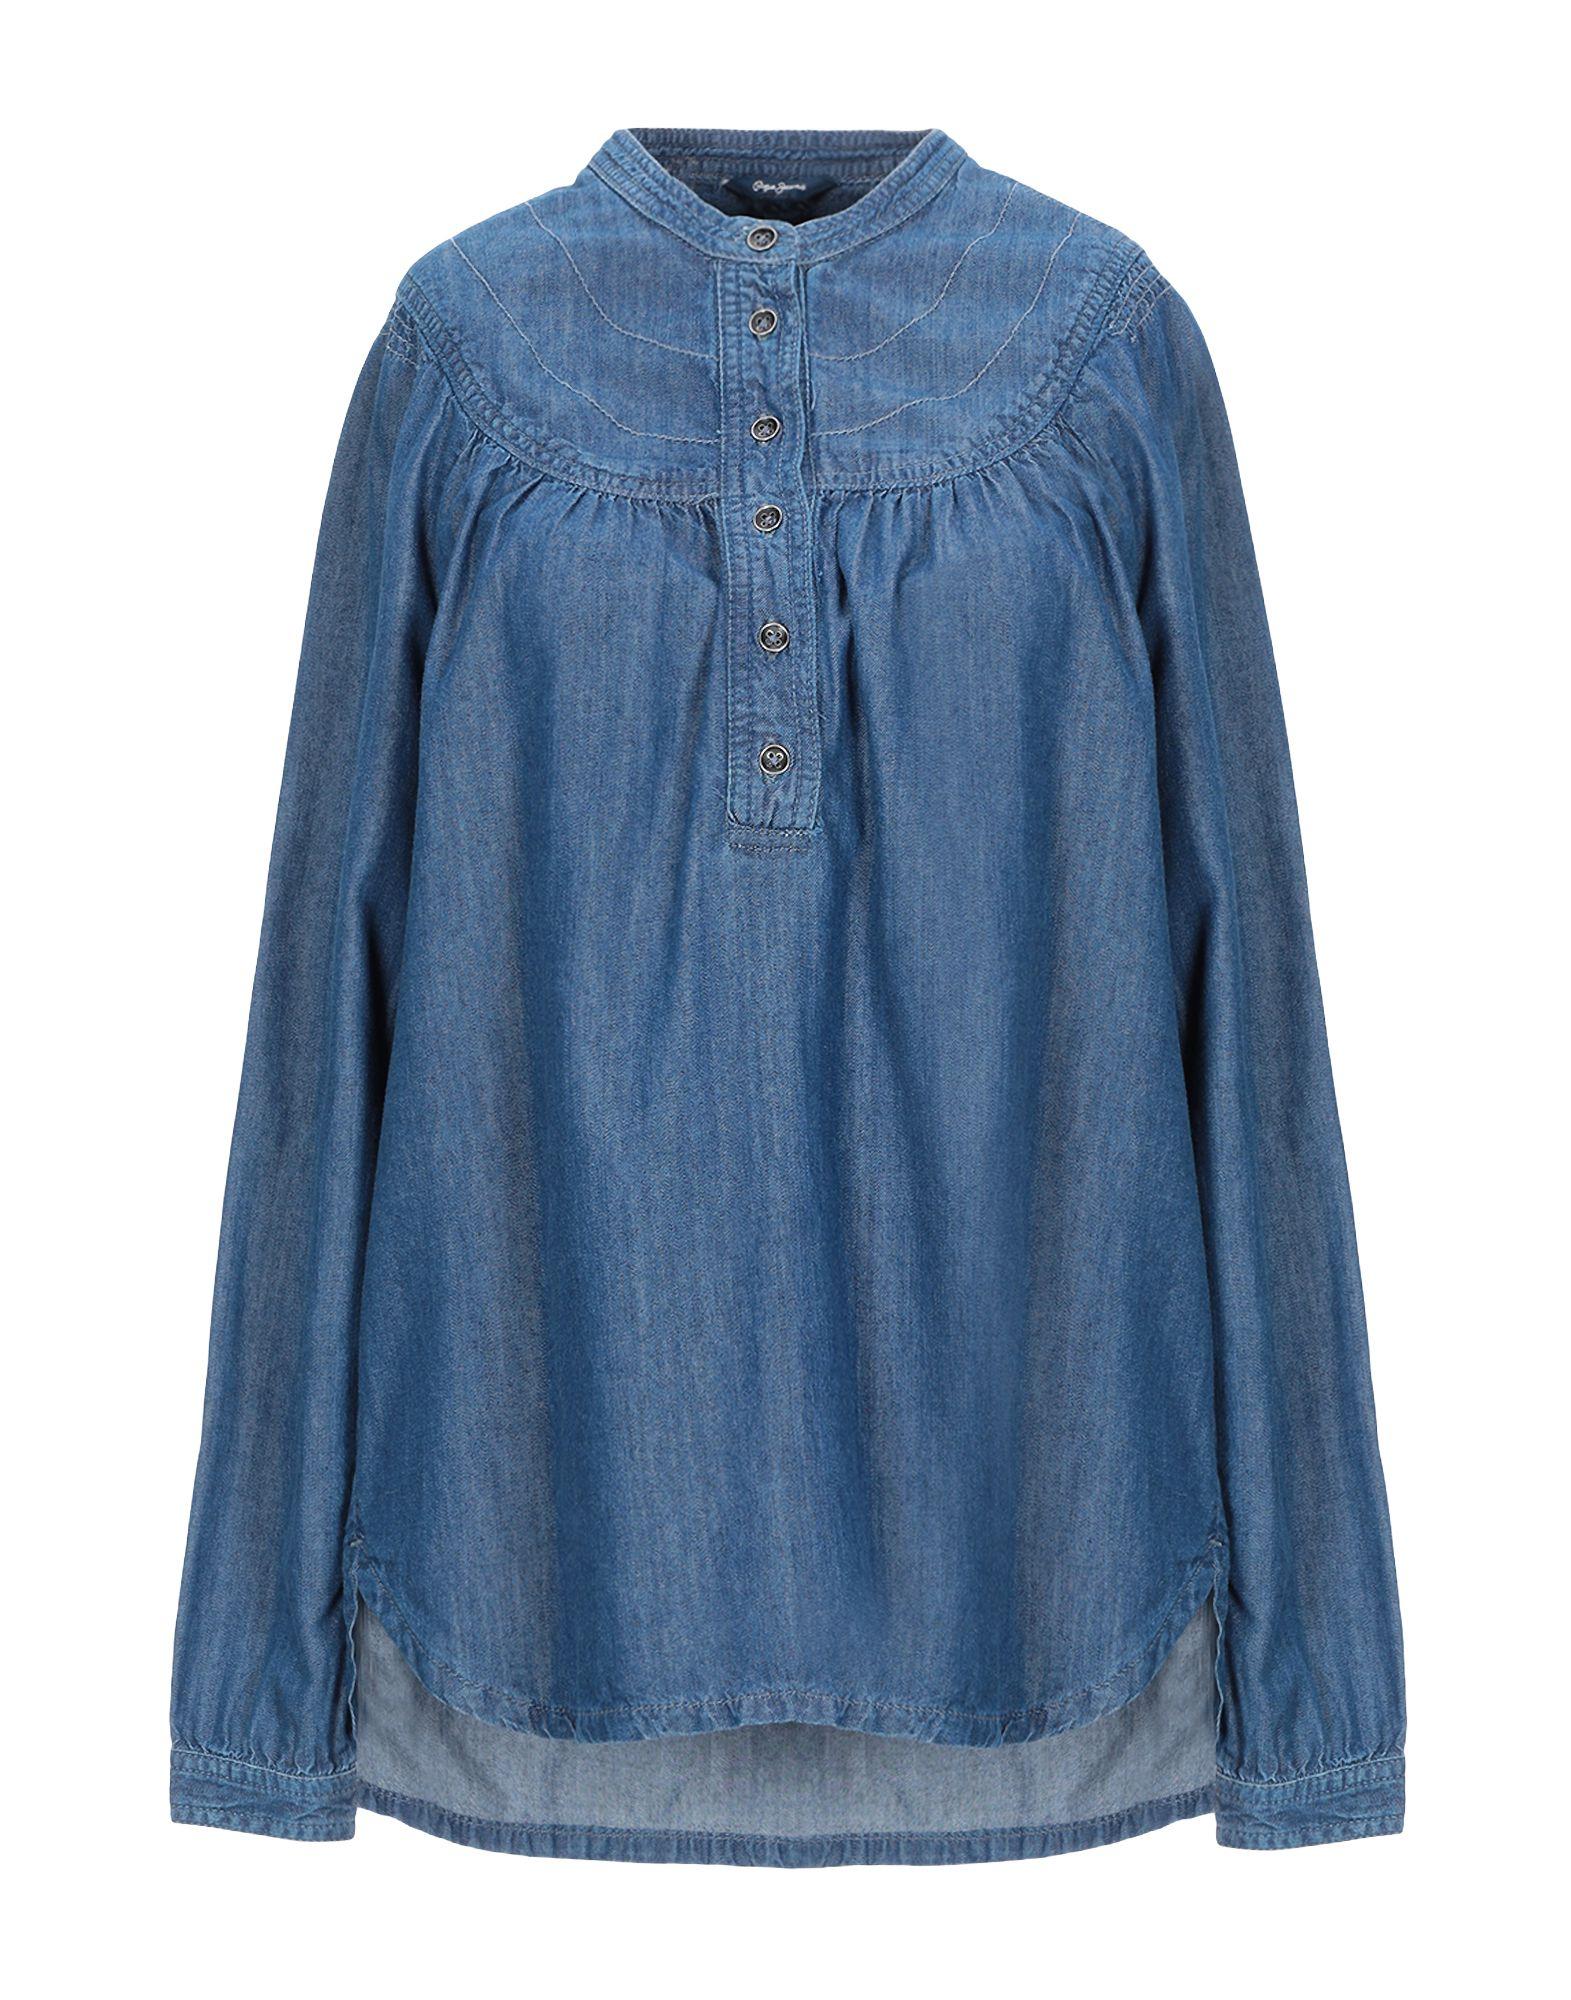 купить PEPE JEANS Джинсовая рубашка по цене 5750 рублей